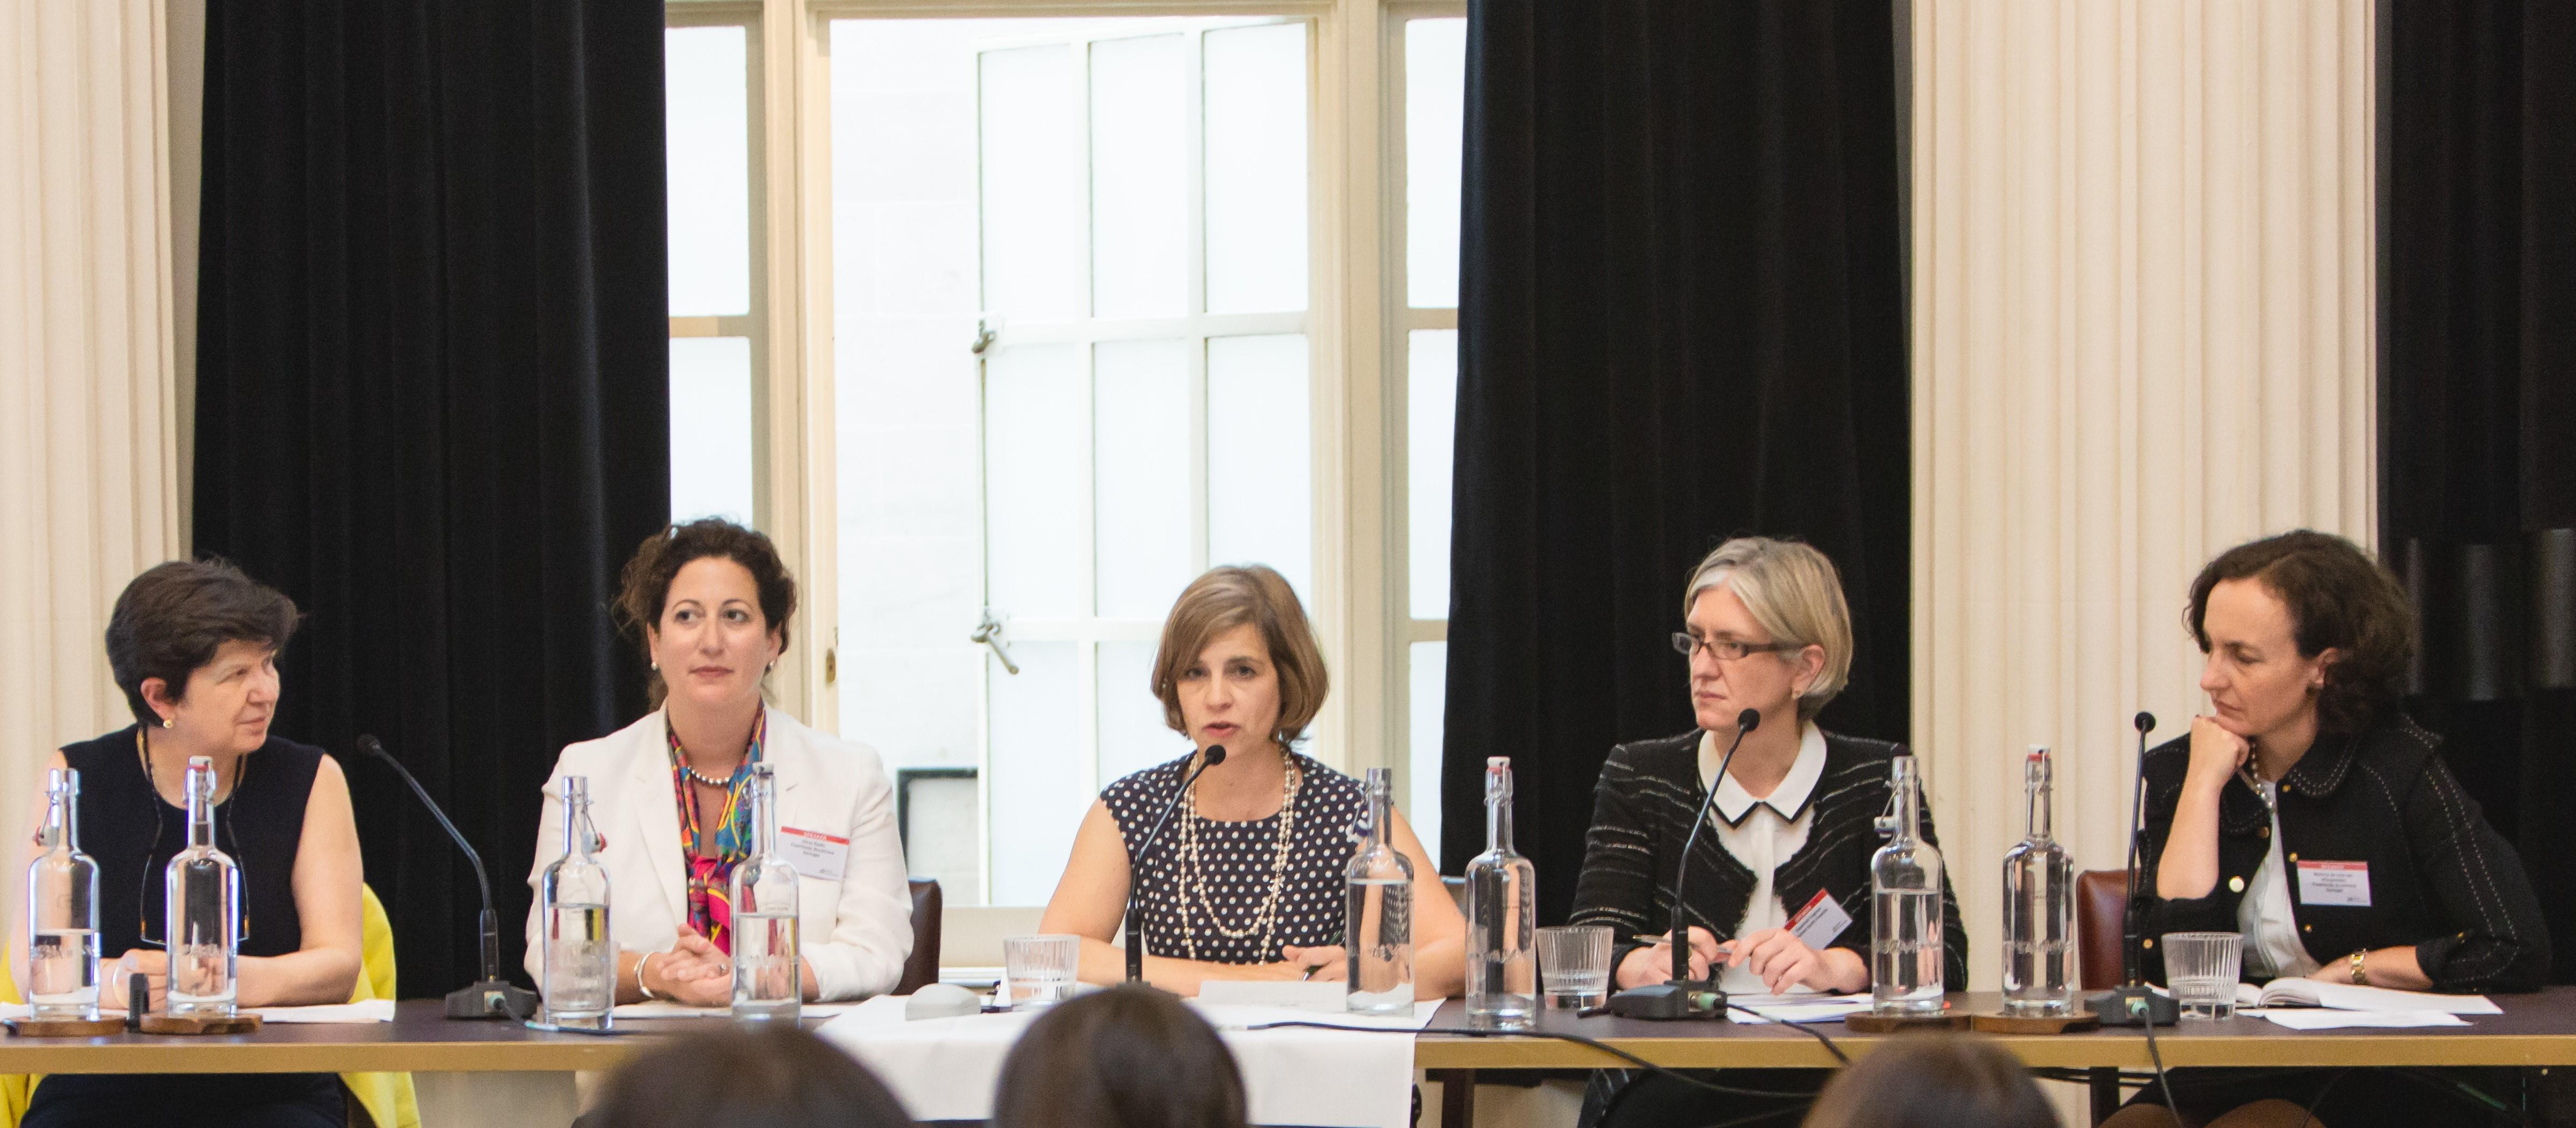 From left to right: Lucinda Low, Olivia Radin, Katherine Lemire, Susannah Cogman and Martina de Lind van Wijngaarden.